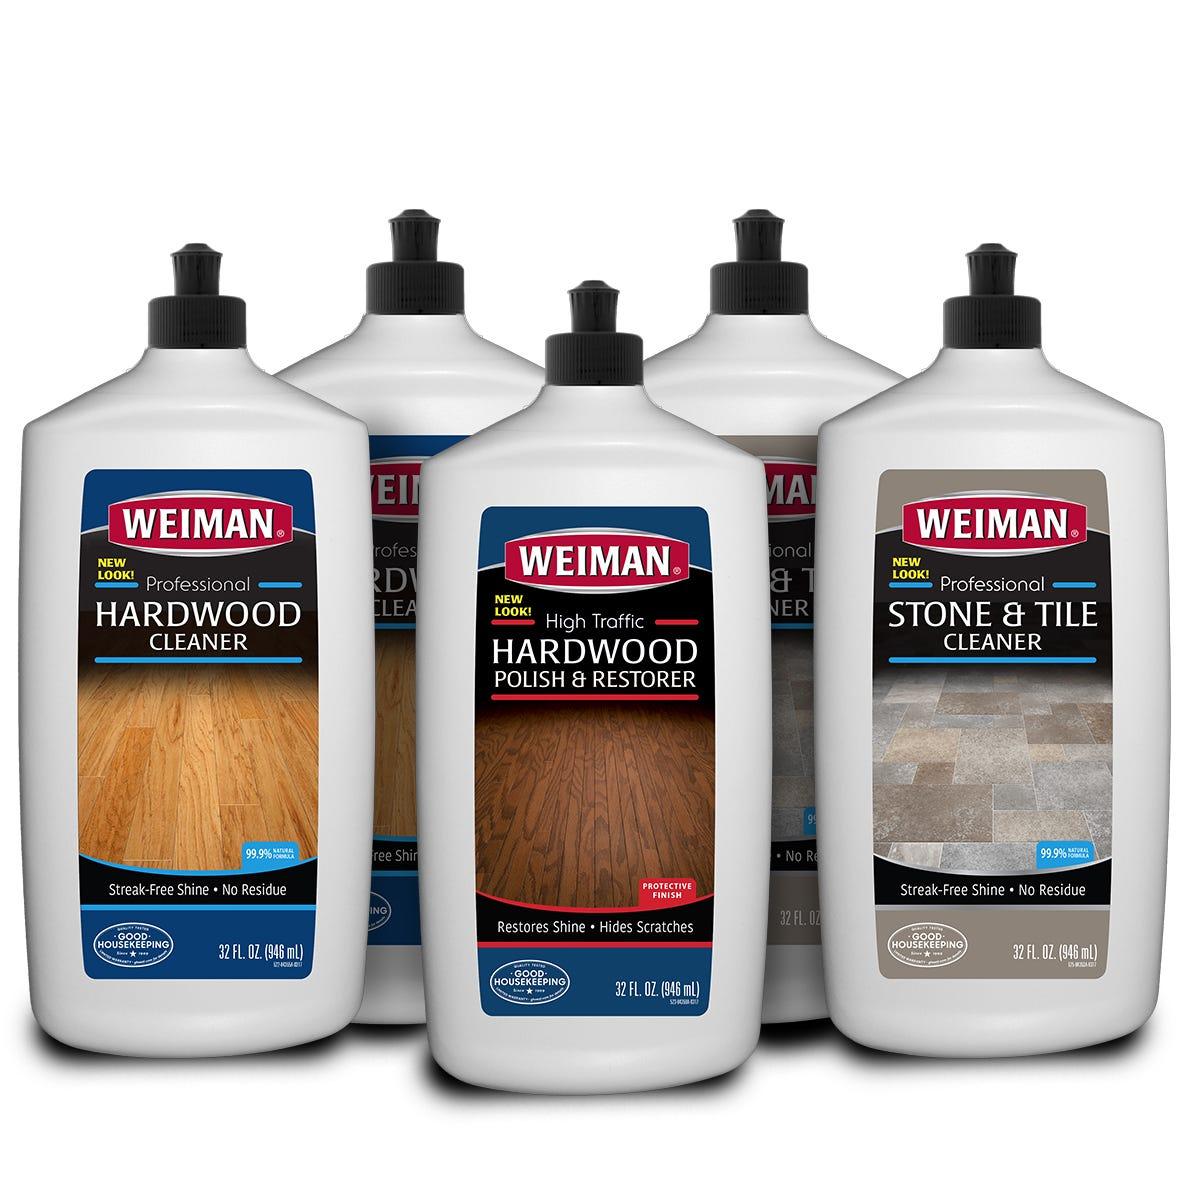 https://googone.com/media/catalog/product/h/a/hardwood_stone_floor_cleaning_kit_1.jpg